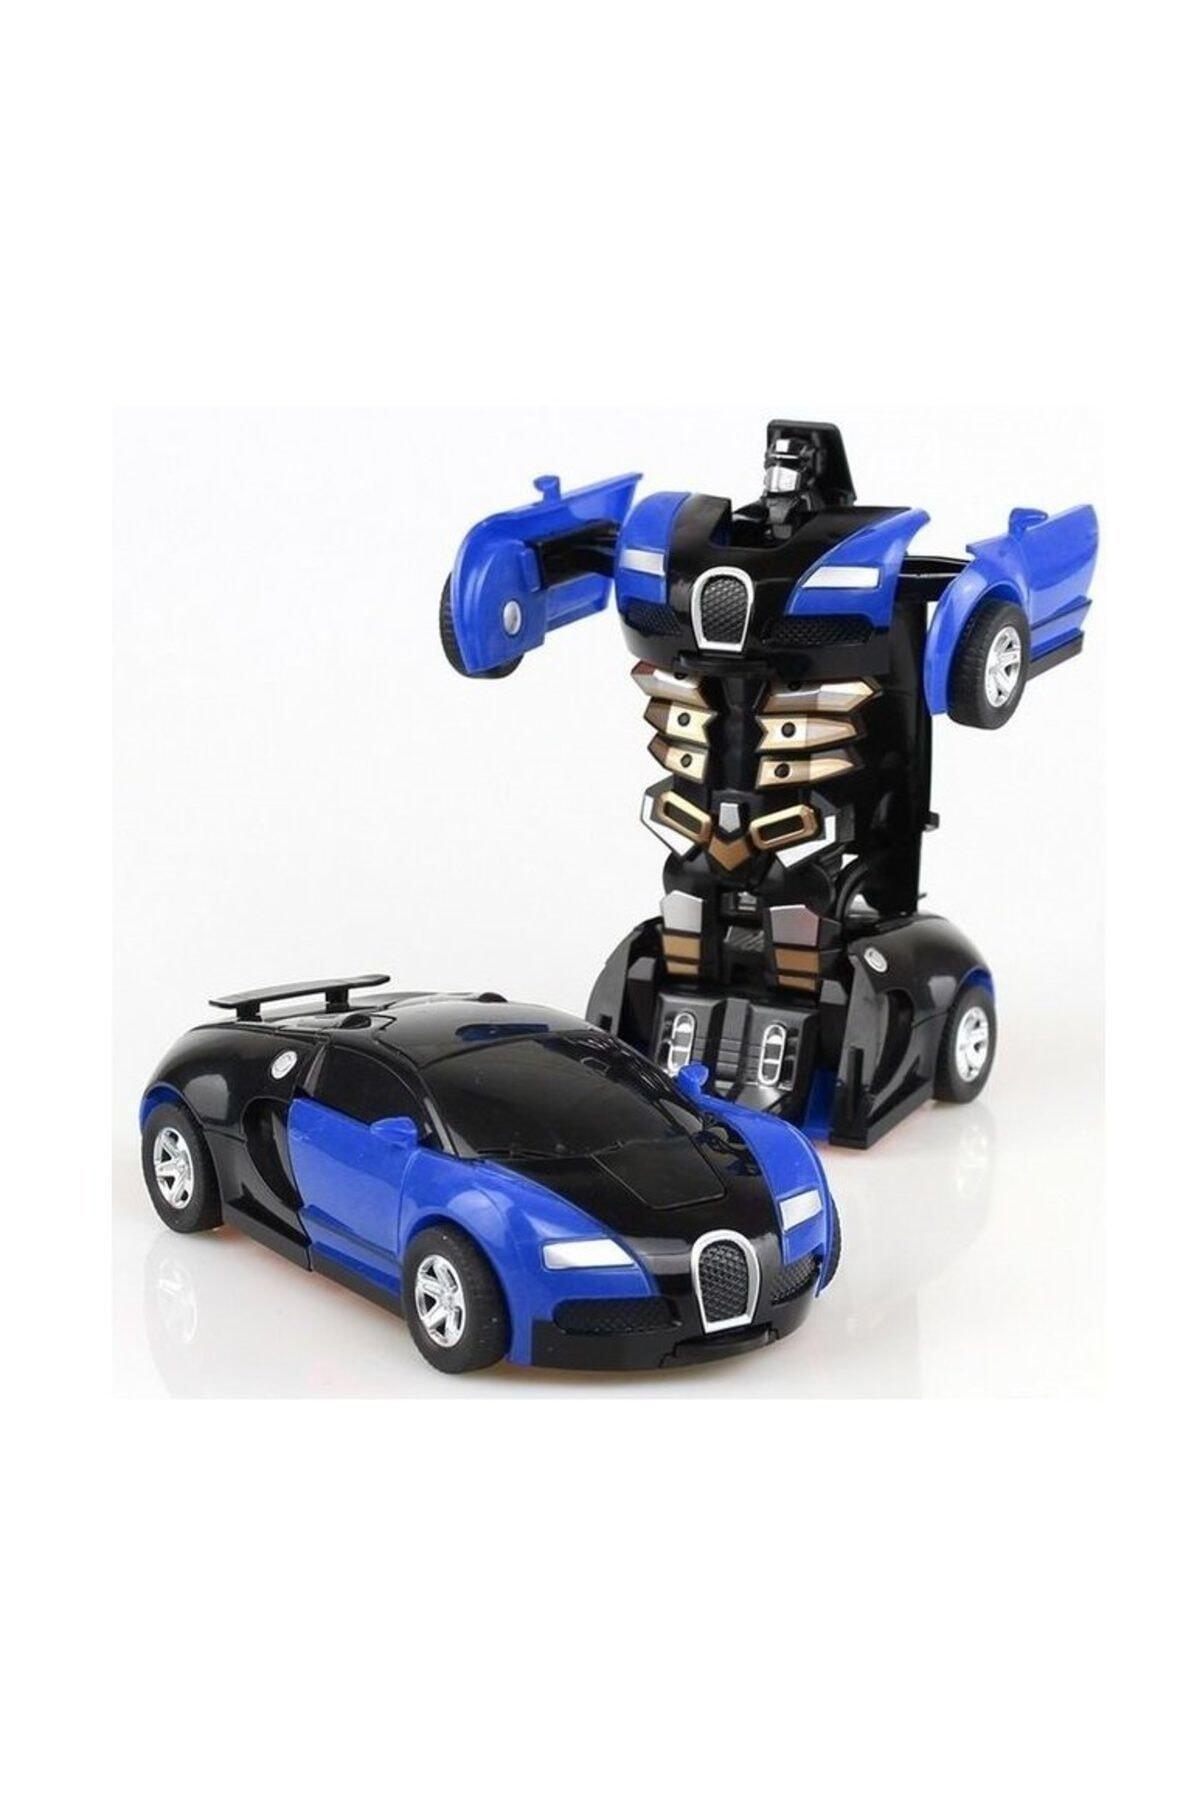 NO NAME Transformers Robot Çek bırak 1:32 Kendinden Robota Dönüşebilen Araba Bugatti